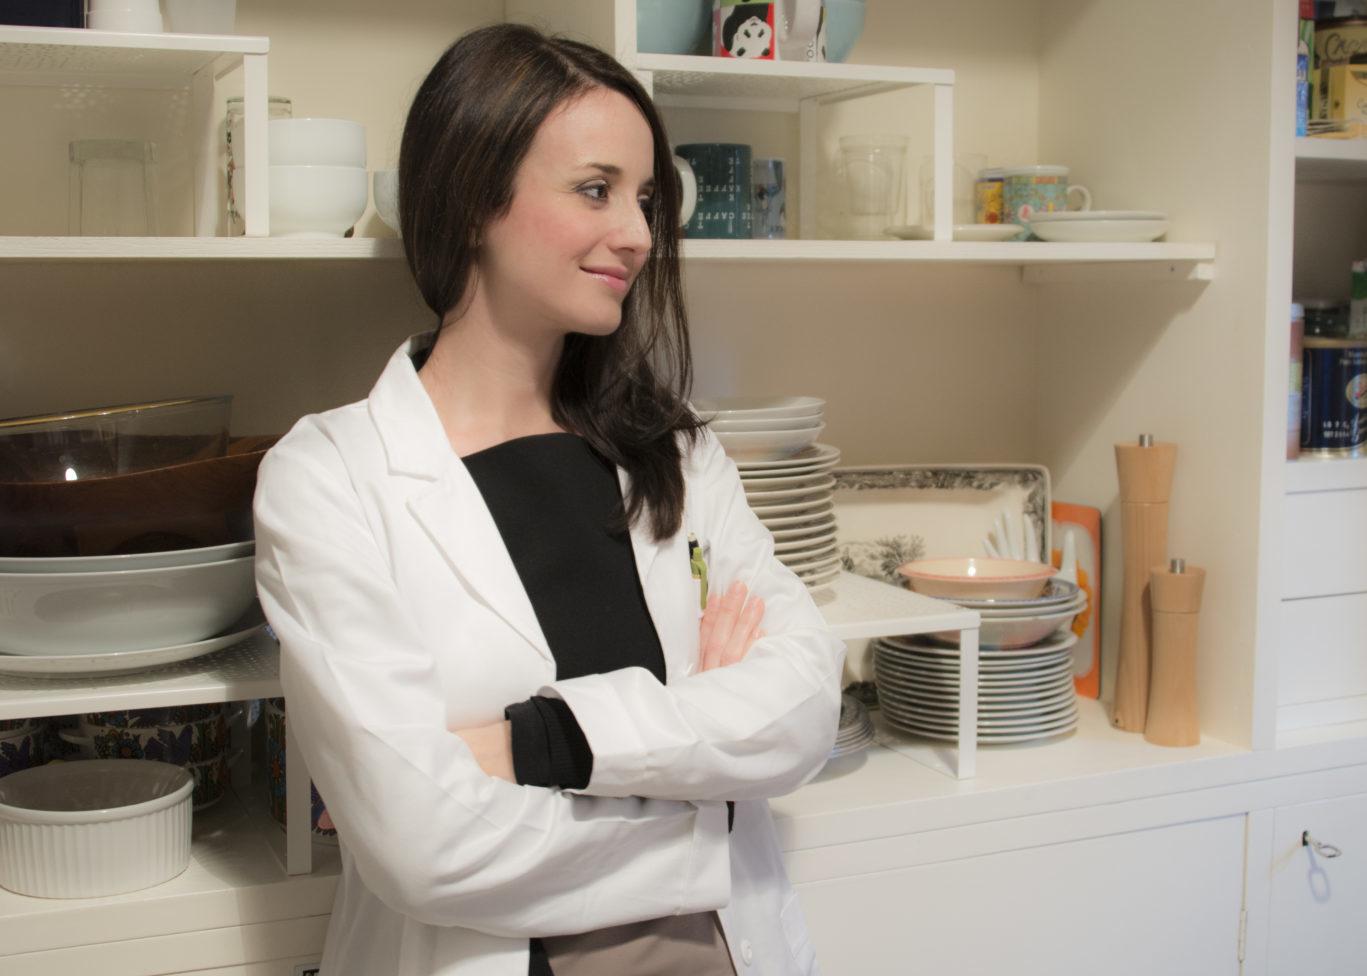 dott.ssa Alessandra Butti - Biologa Nutrizionista e Specialista in Scienza dell'Alimentazione